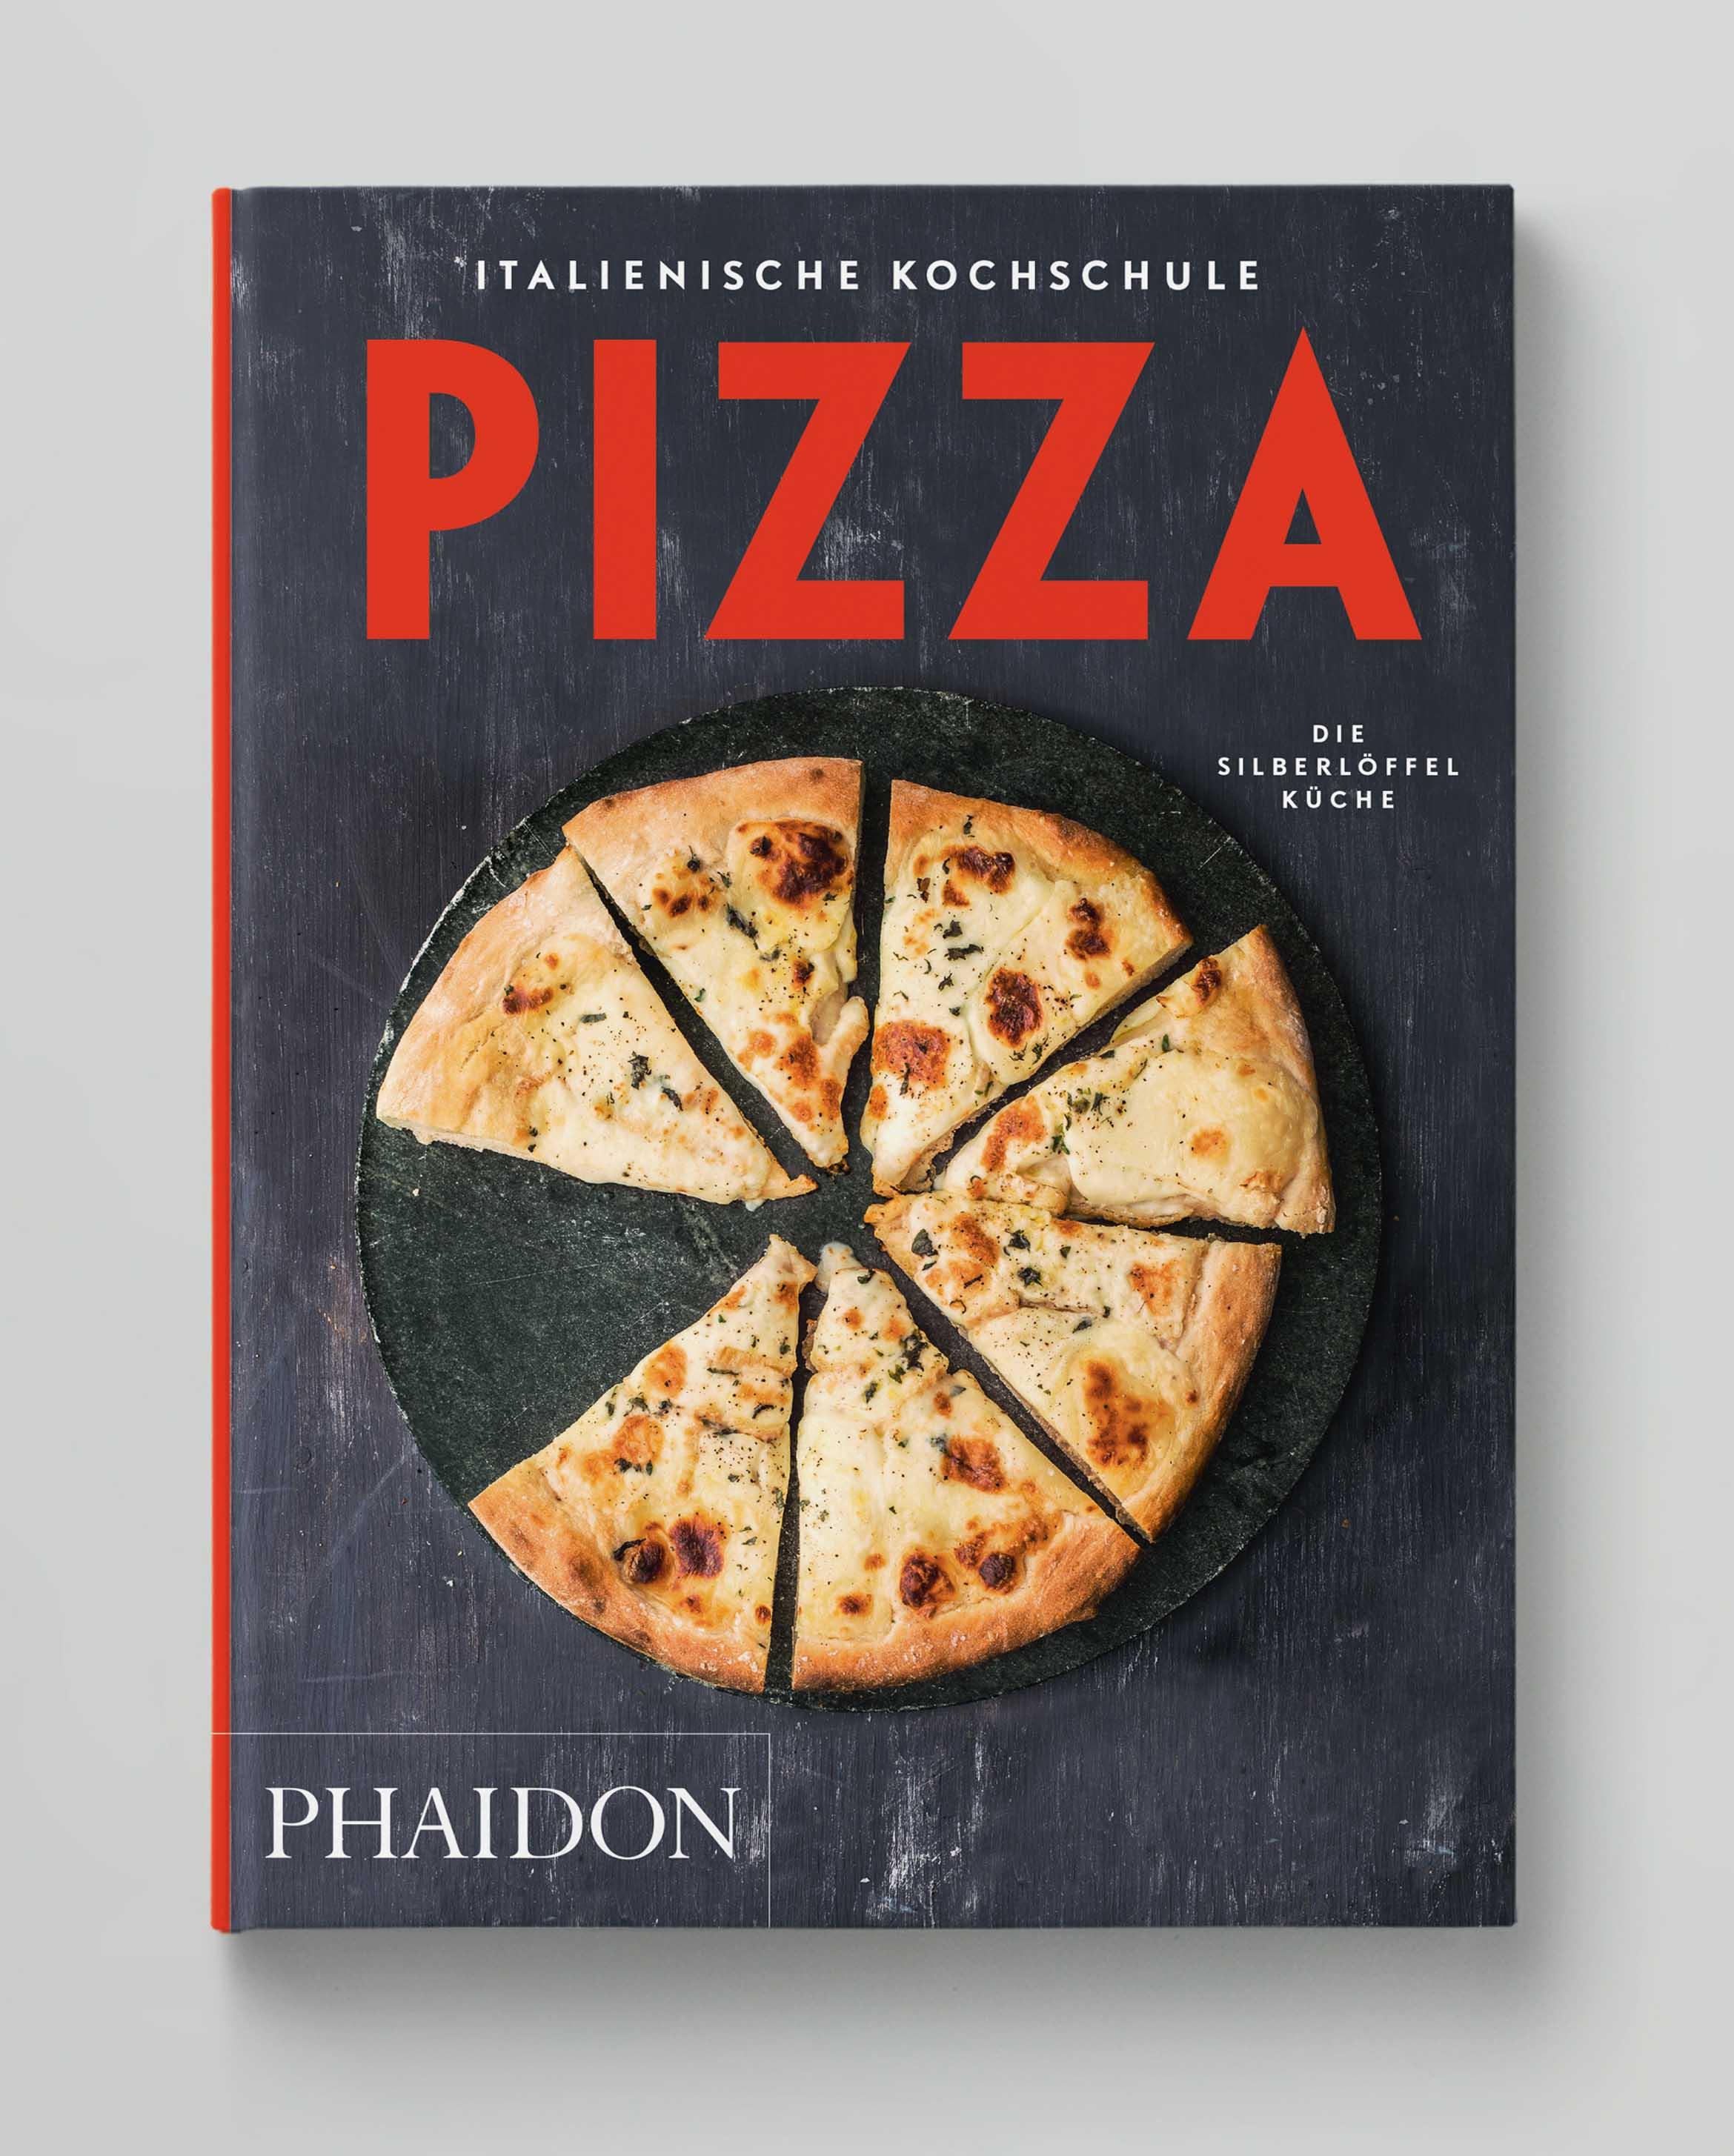 Italienische Kochschule Pizza Die Silberlöffel Küche Phaidon Cover